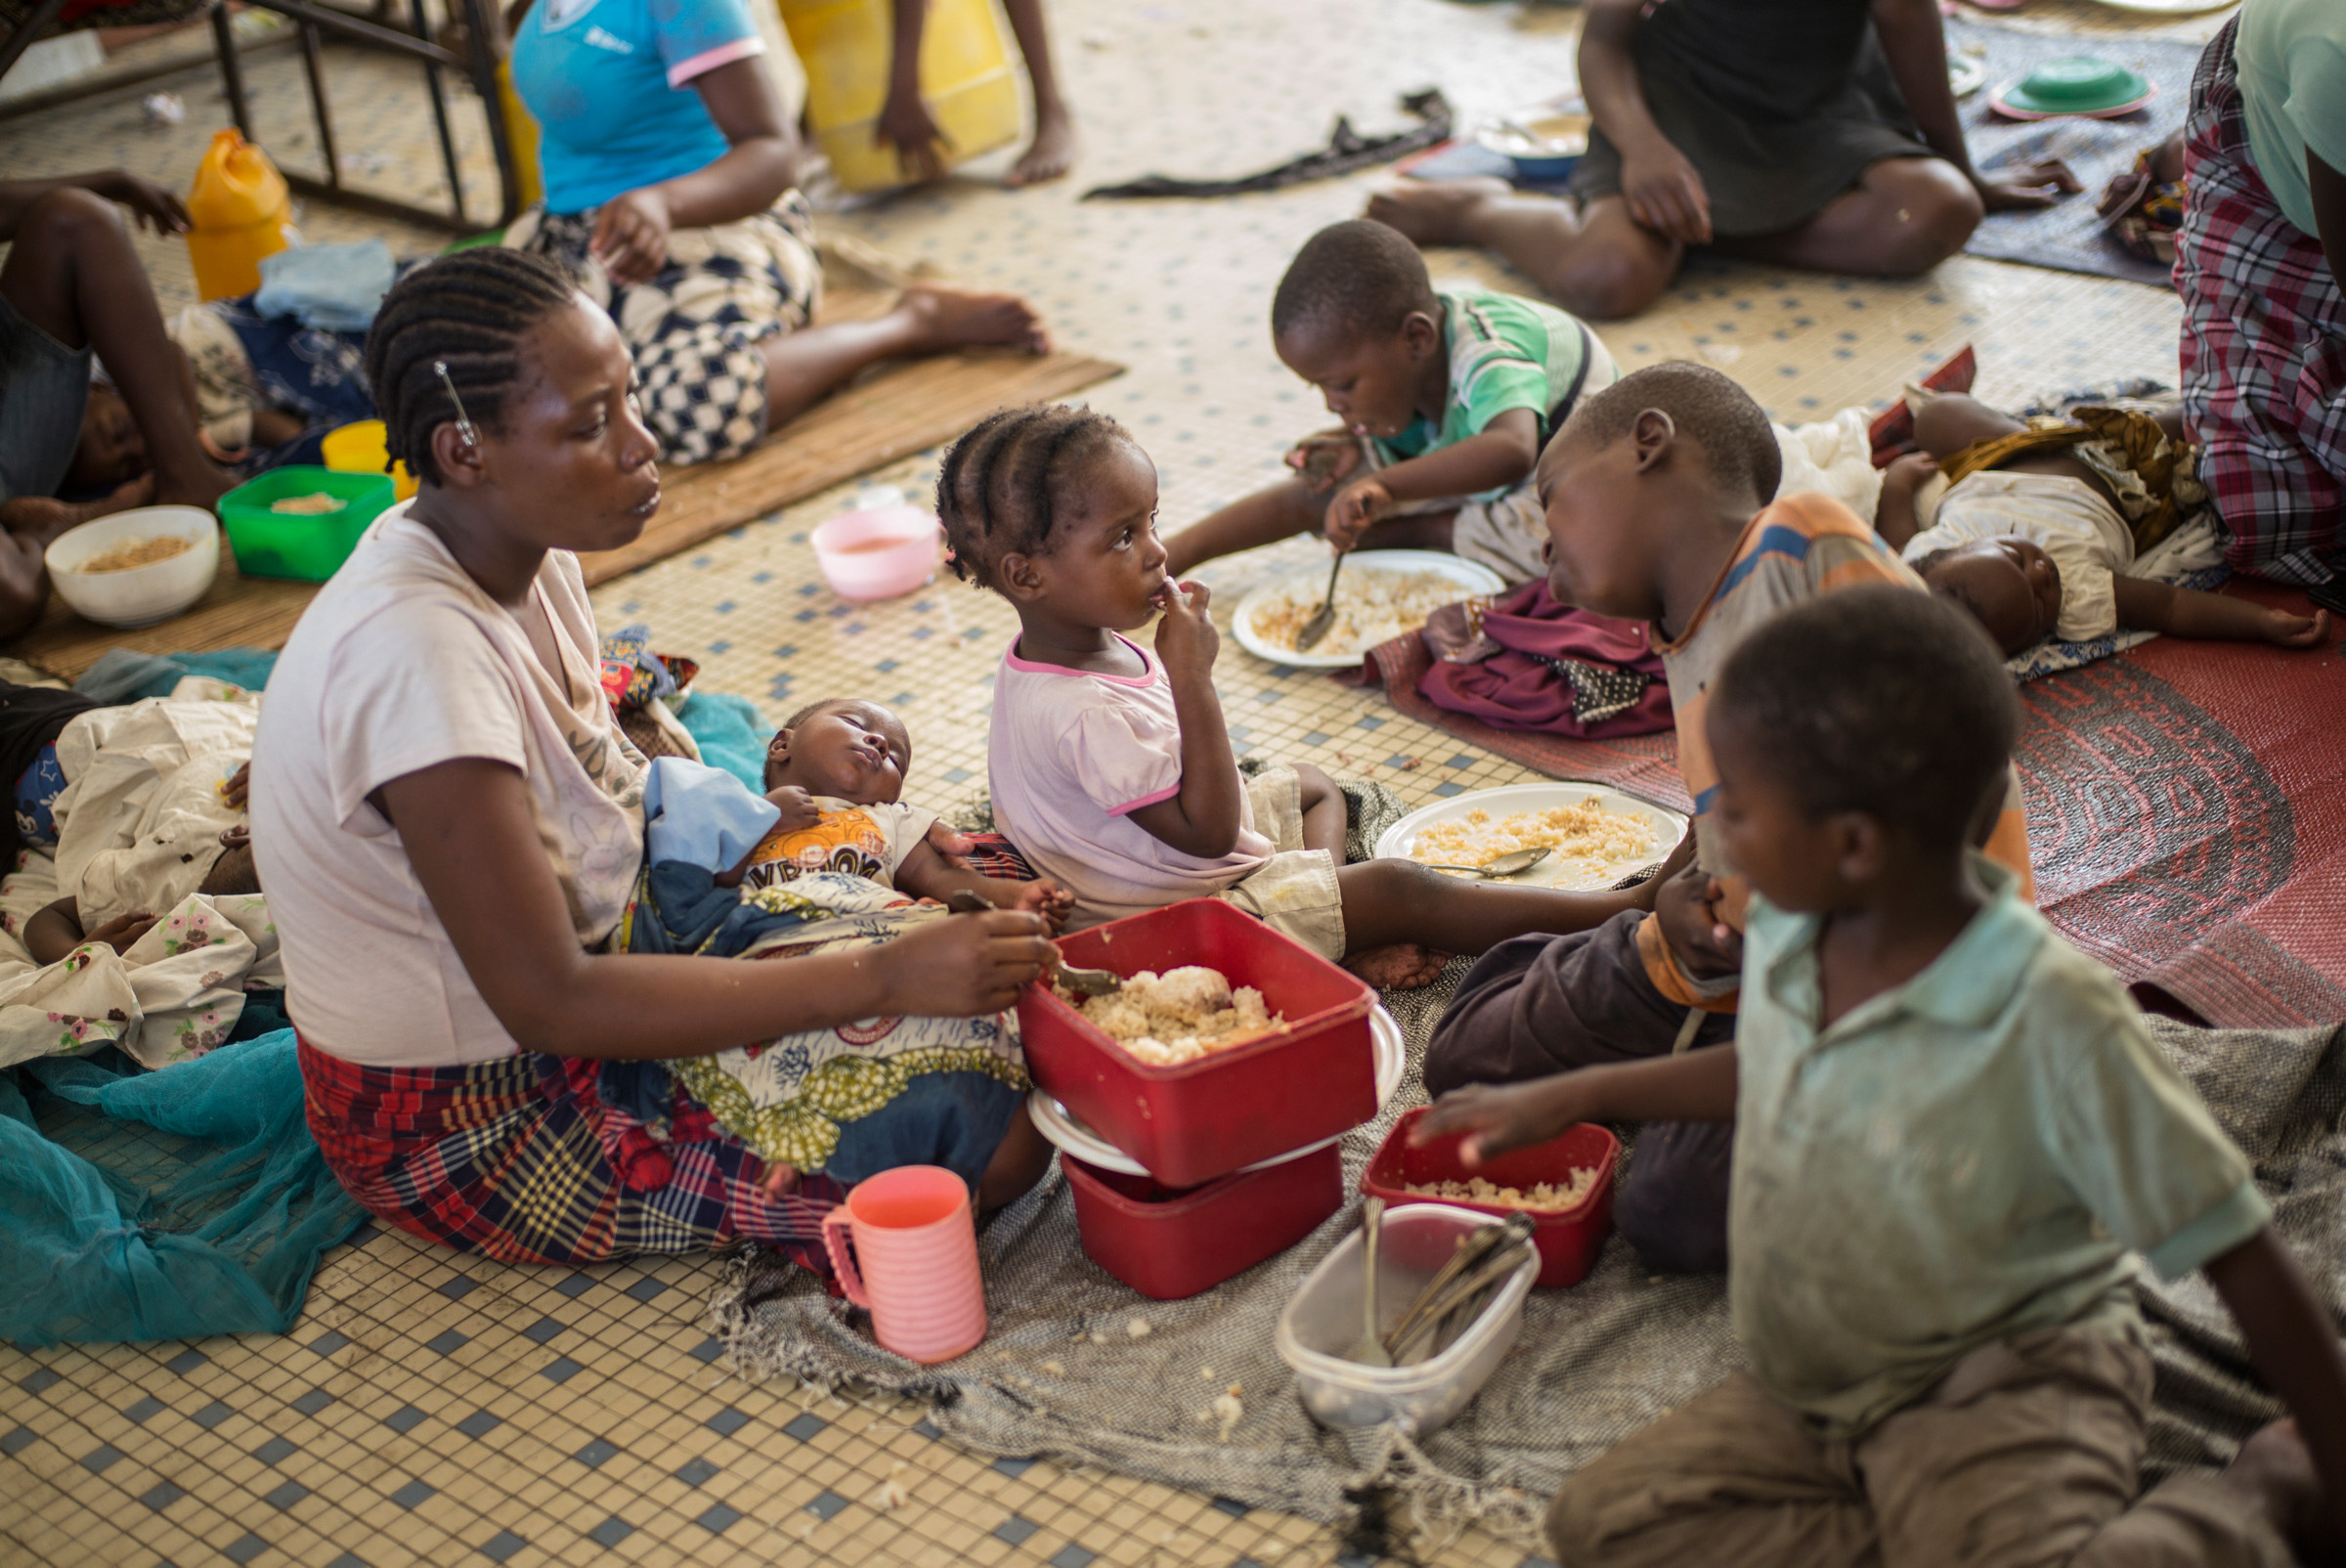 Un World Food Programme Erreicht Eine Million Menschen Nach Zyklon In Mosambik World Food Programme